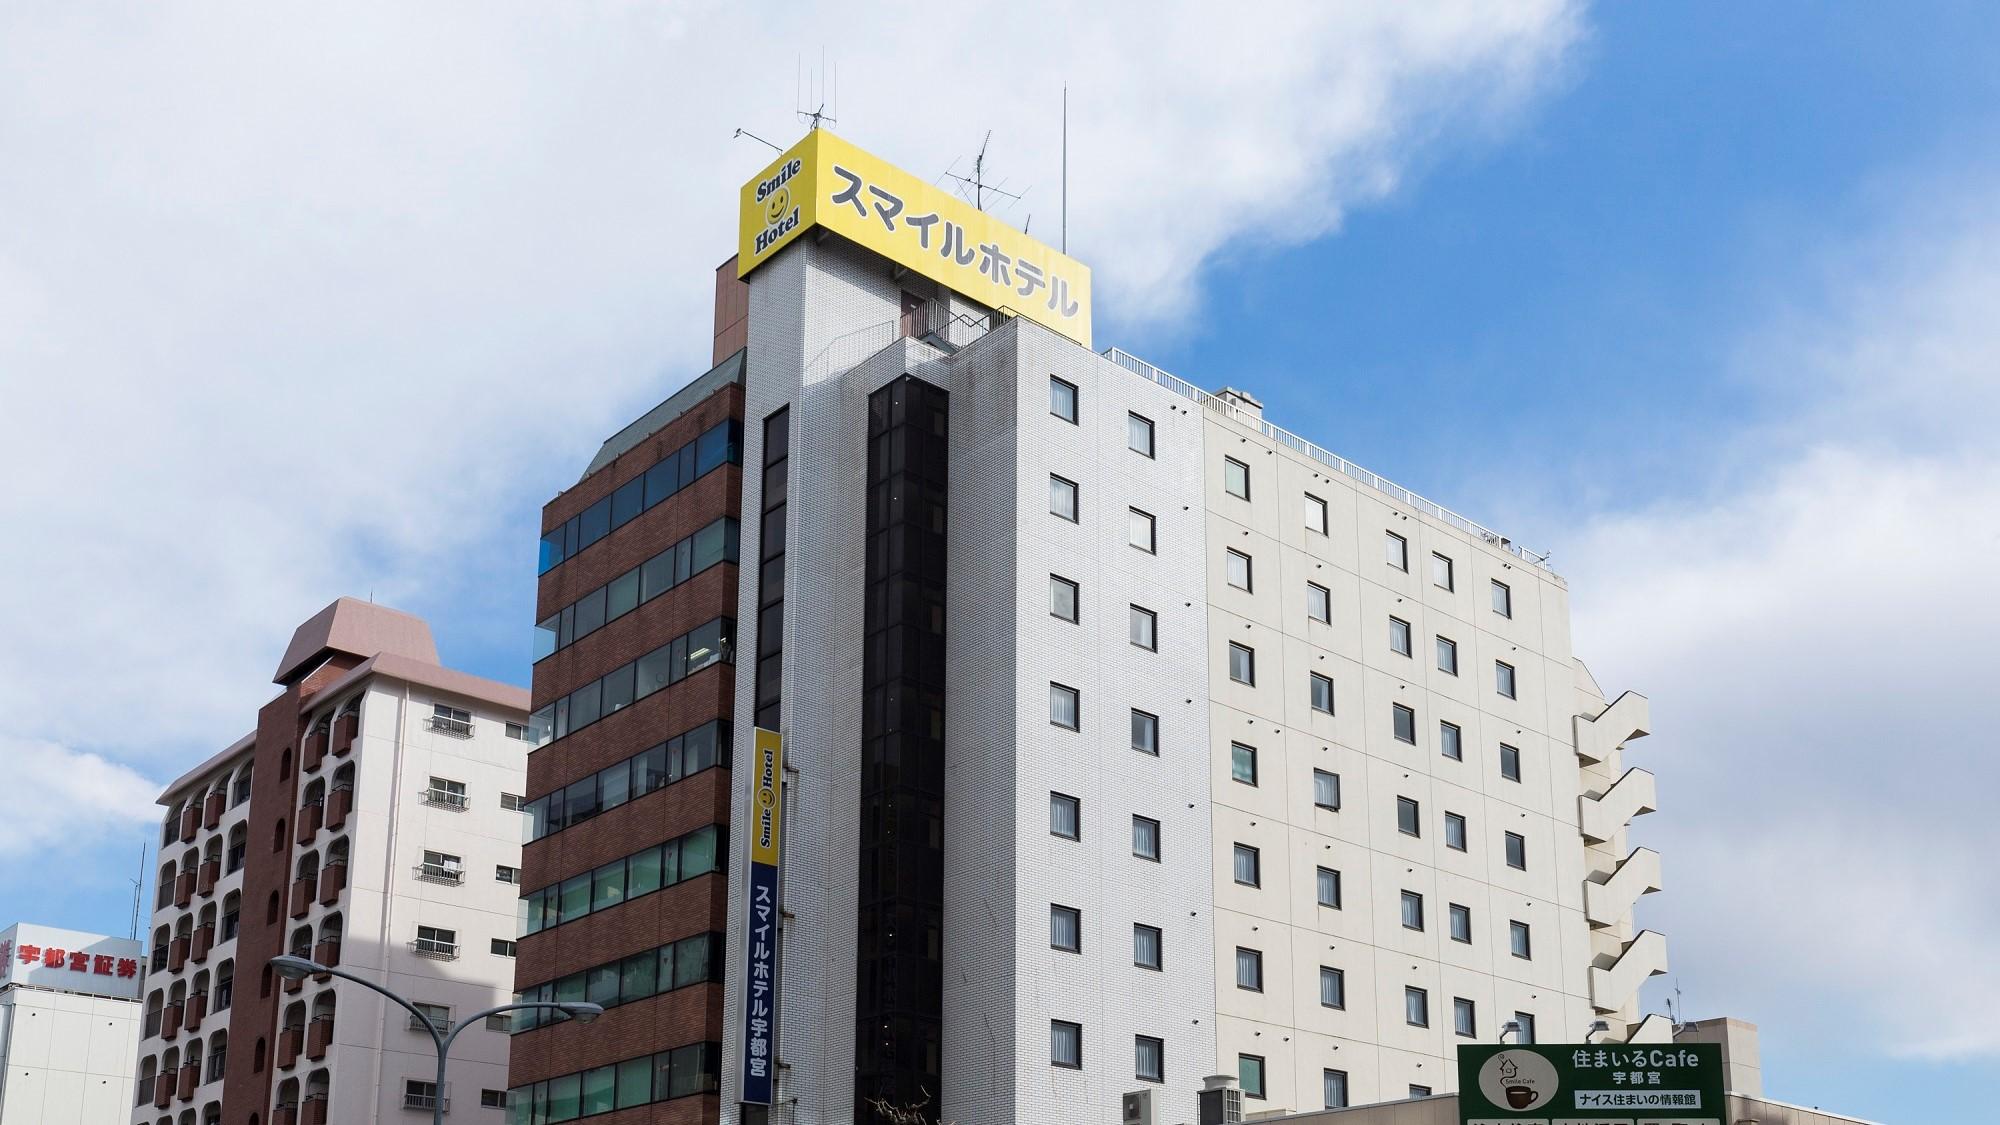 スマイル ホテル 宇都宮◆楽天トラベル